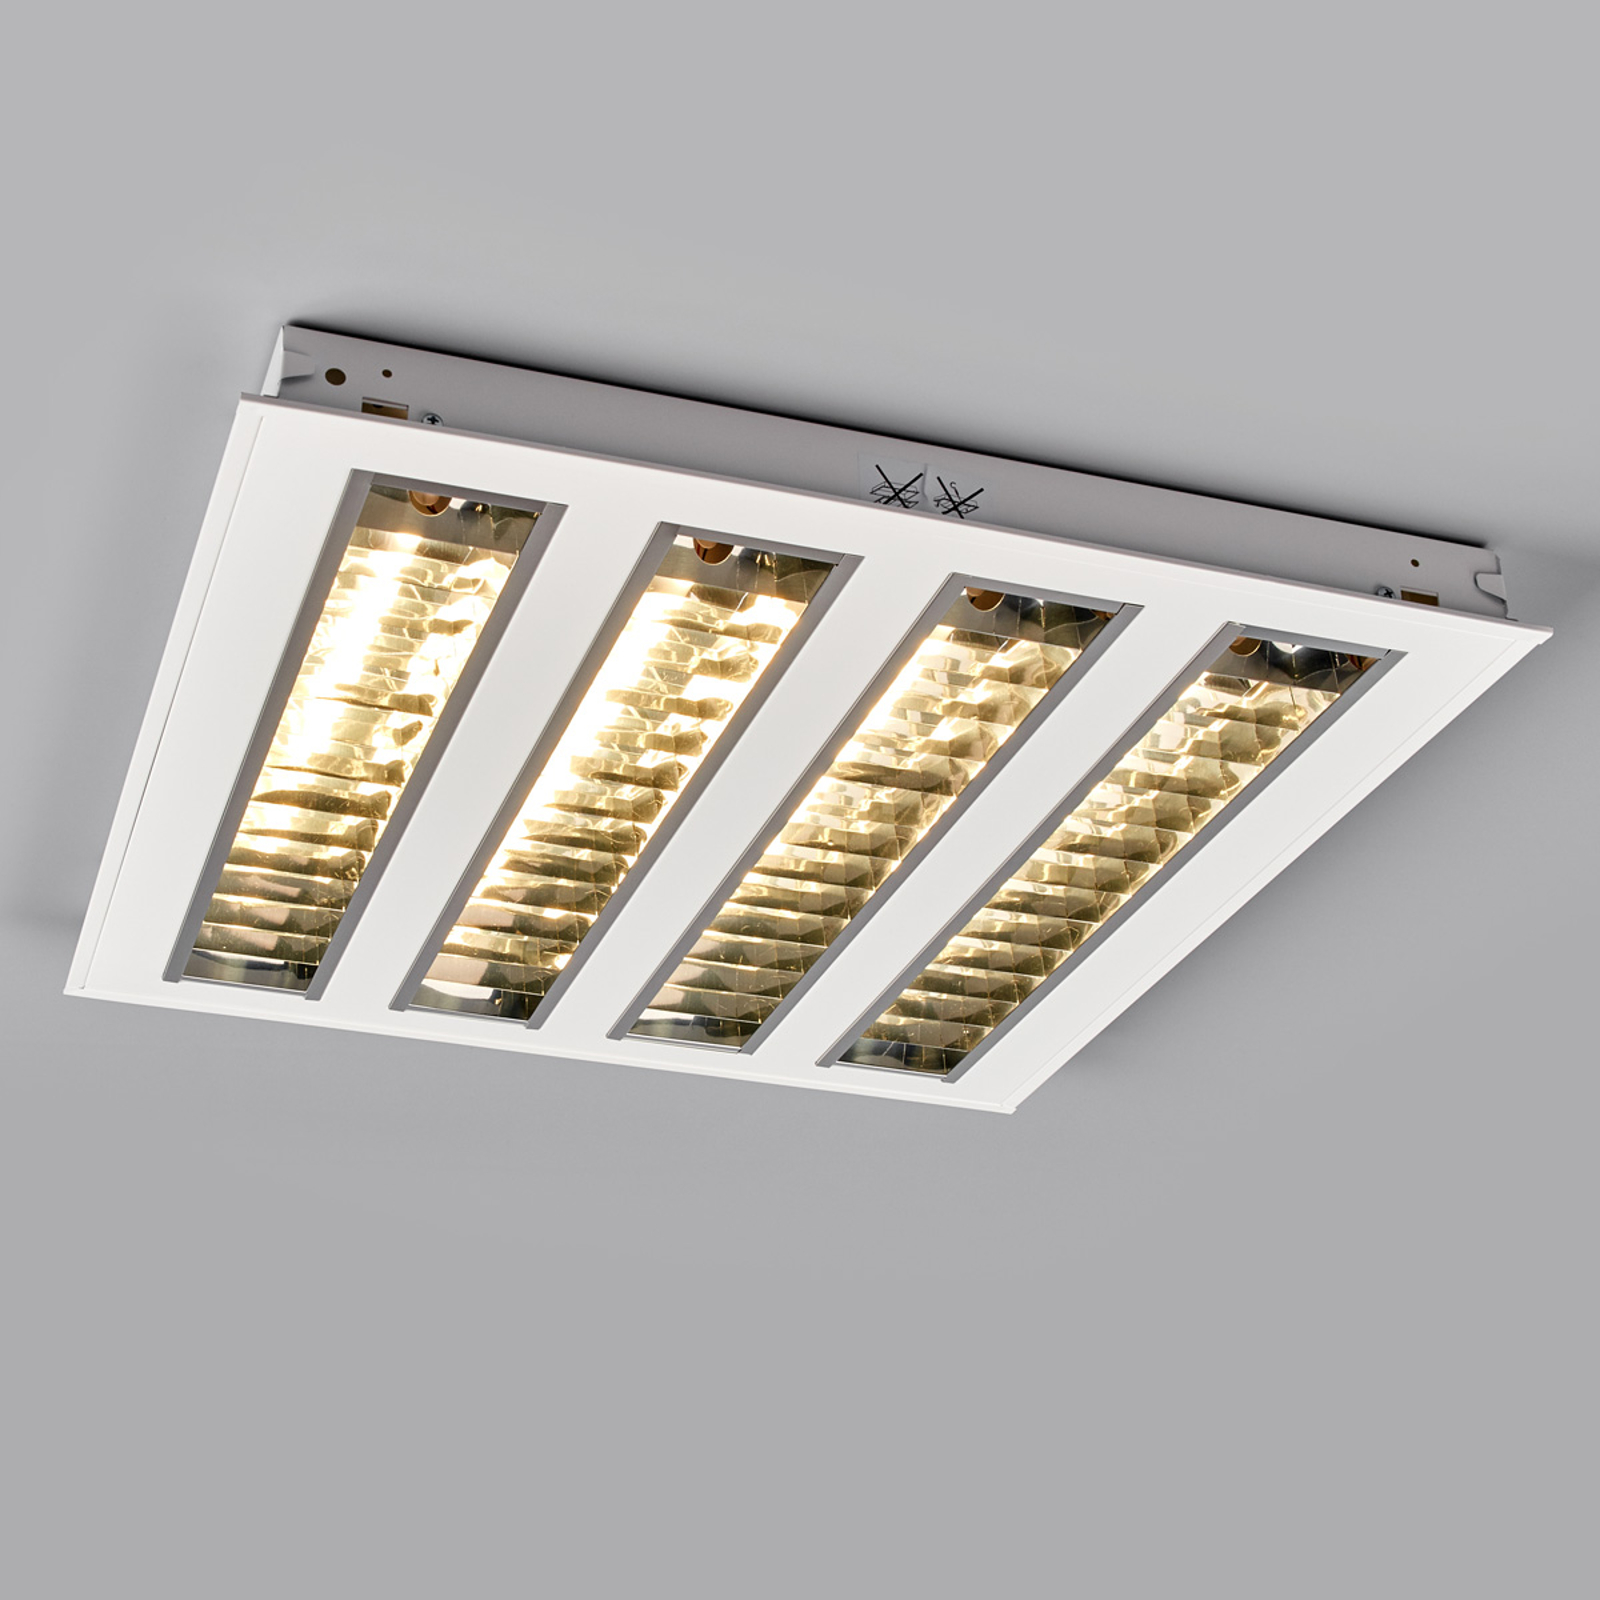 Rastrové vkladacie LED svetlo so štyrmi mriežkami_3002161_1